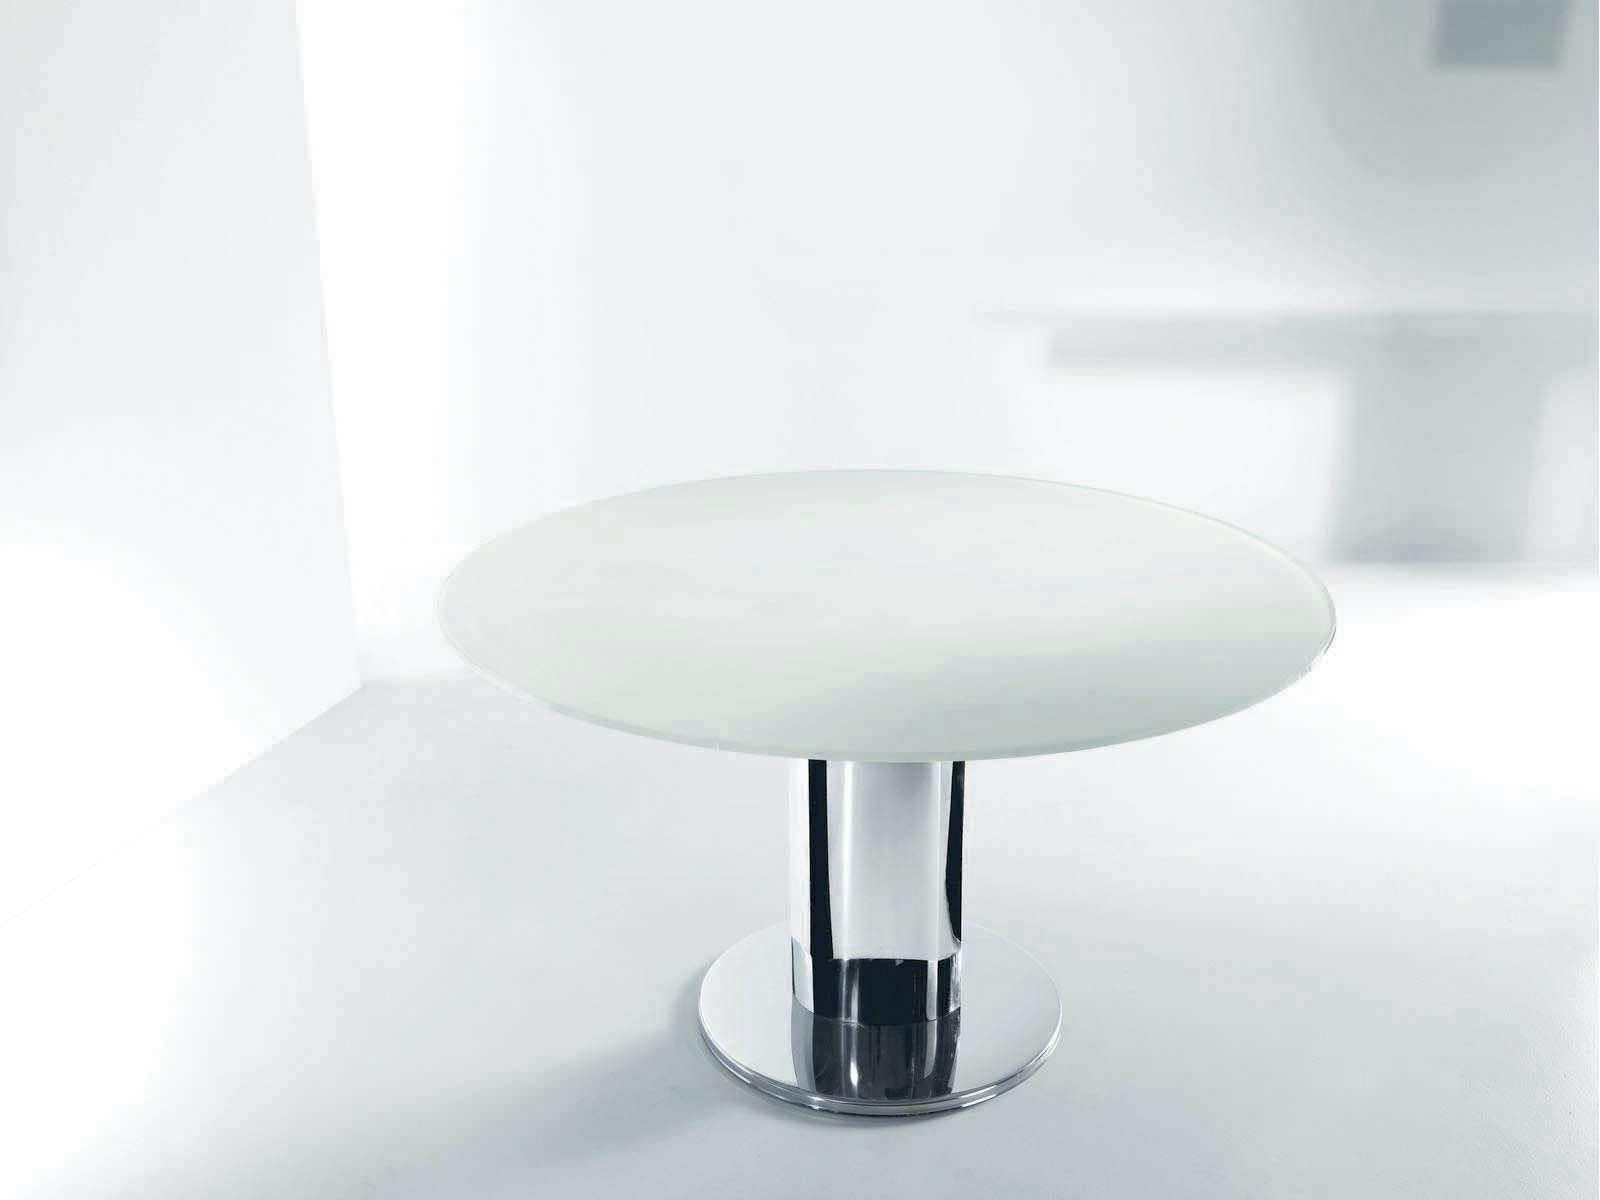 Tavoli Tondi Vetro Allungabili.Tavoli Tondi Allungabili Moderni Top Il Tavolo Diamante Di Ozzio